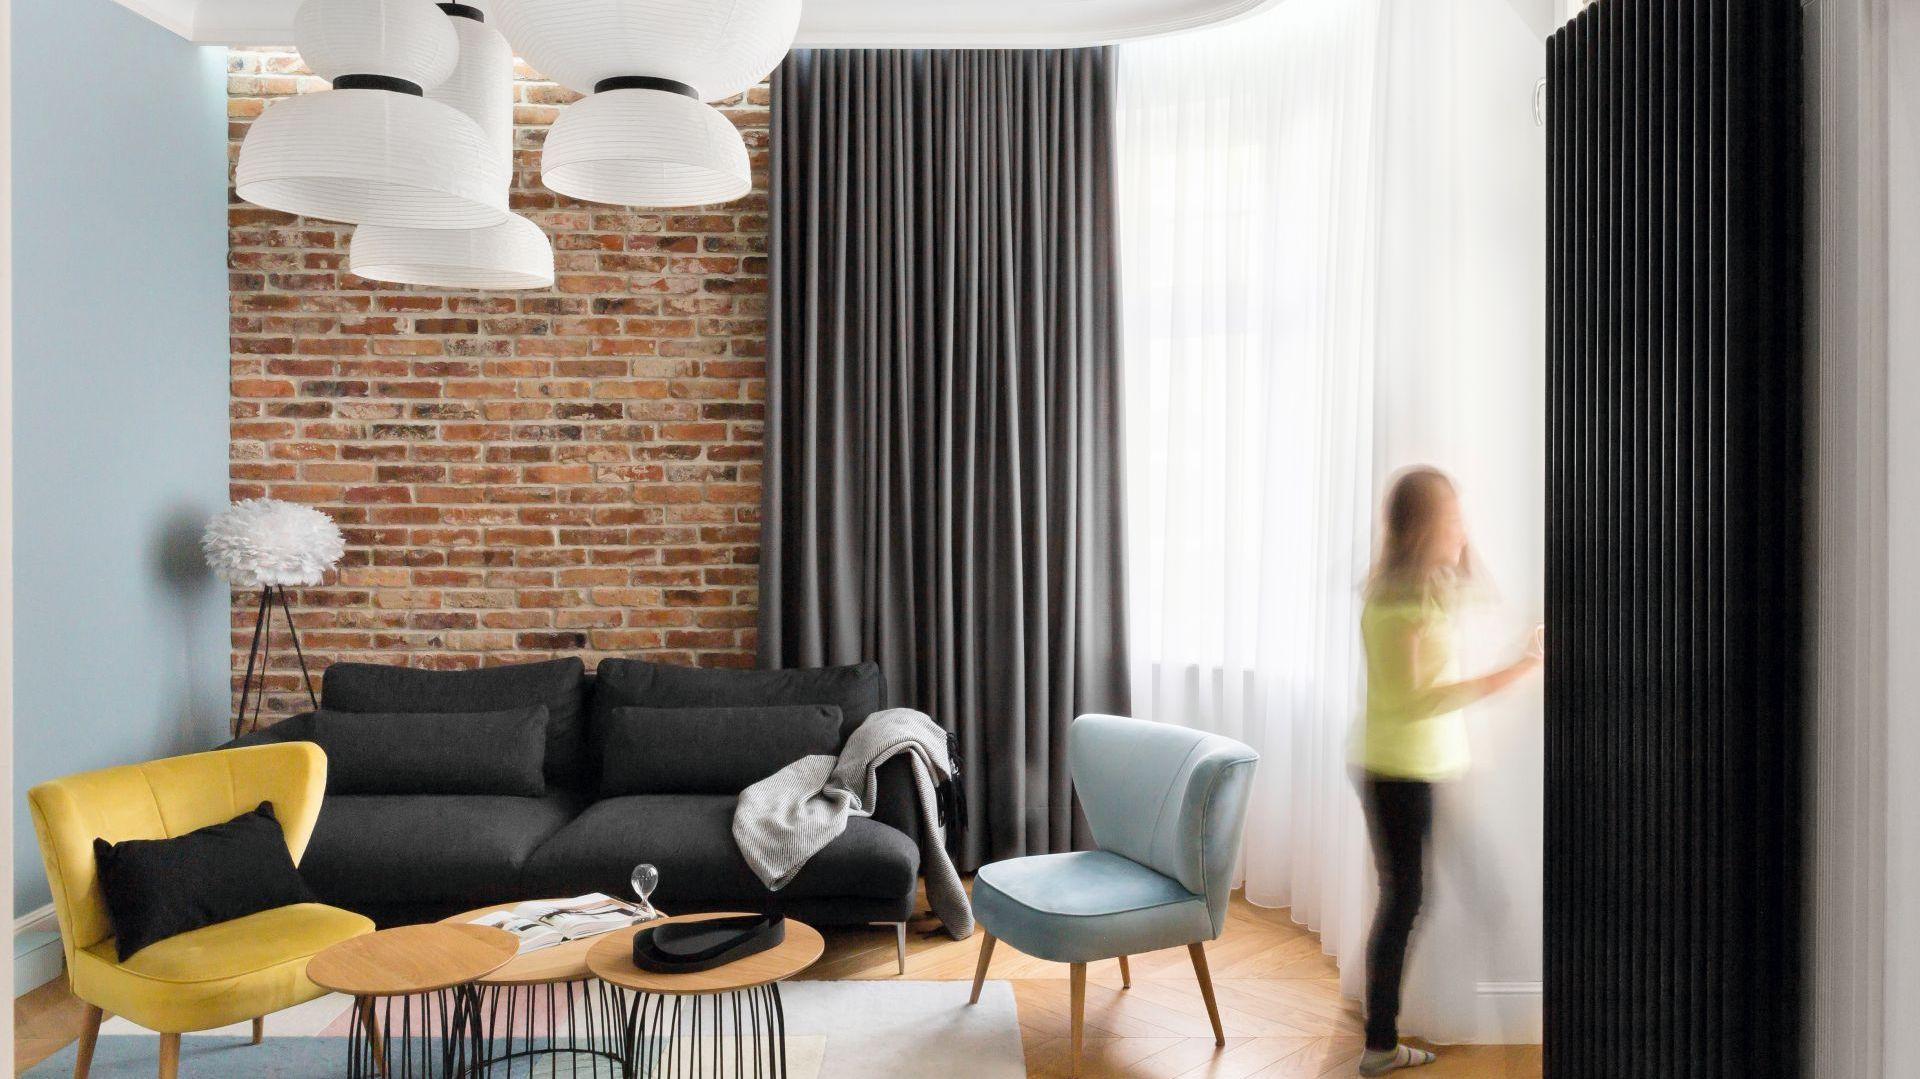 Surowy, nieco minimalistyczny wystrój ocieplają pastele i inne żywe kolory. Projekt Anna Maria Sokołowska, Architektura Wnętrz. Zdjęcia Paweł Mądry